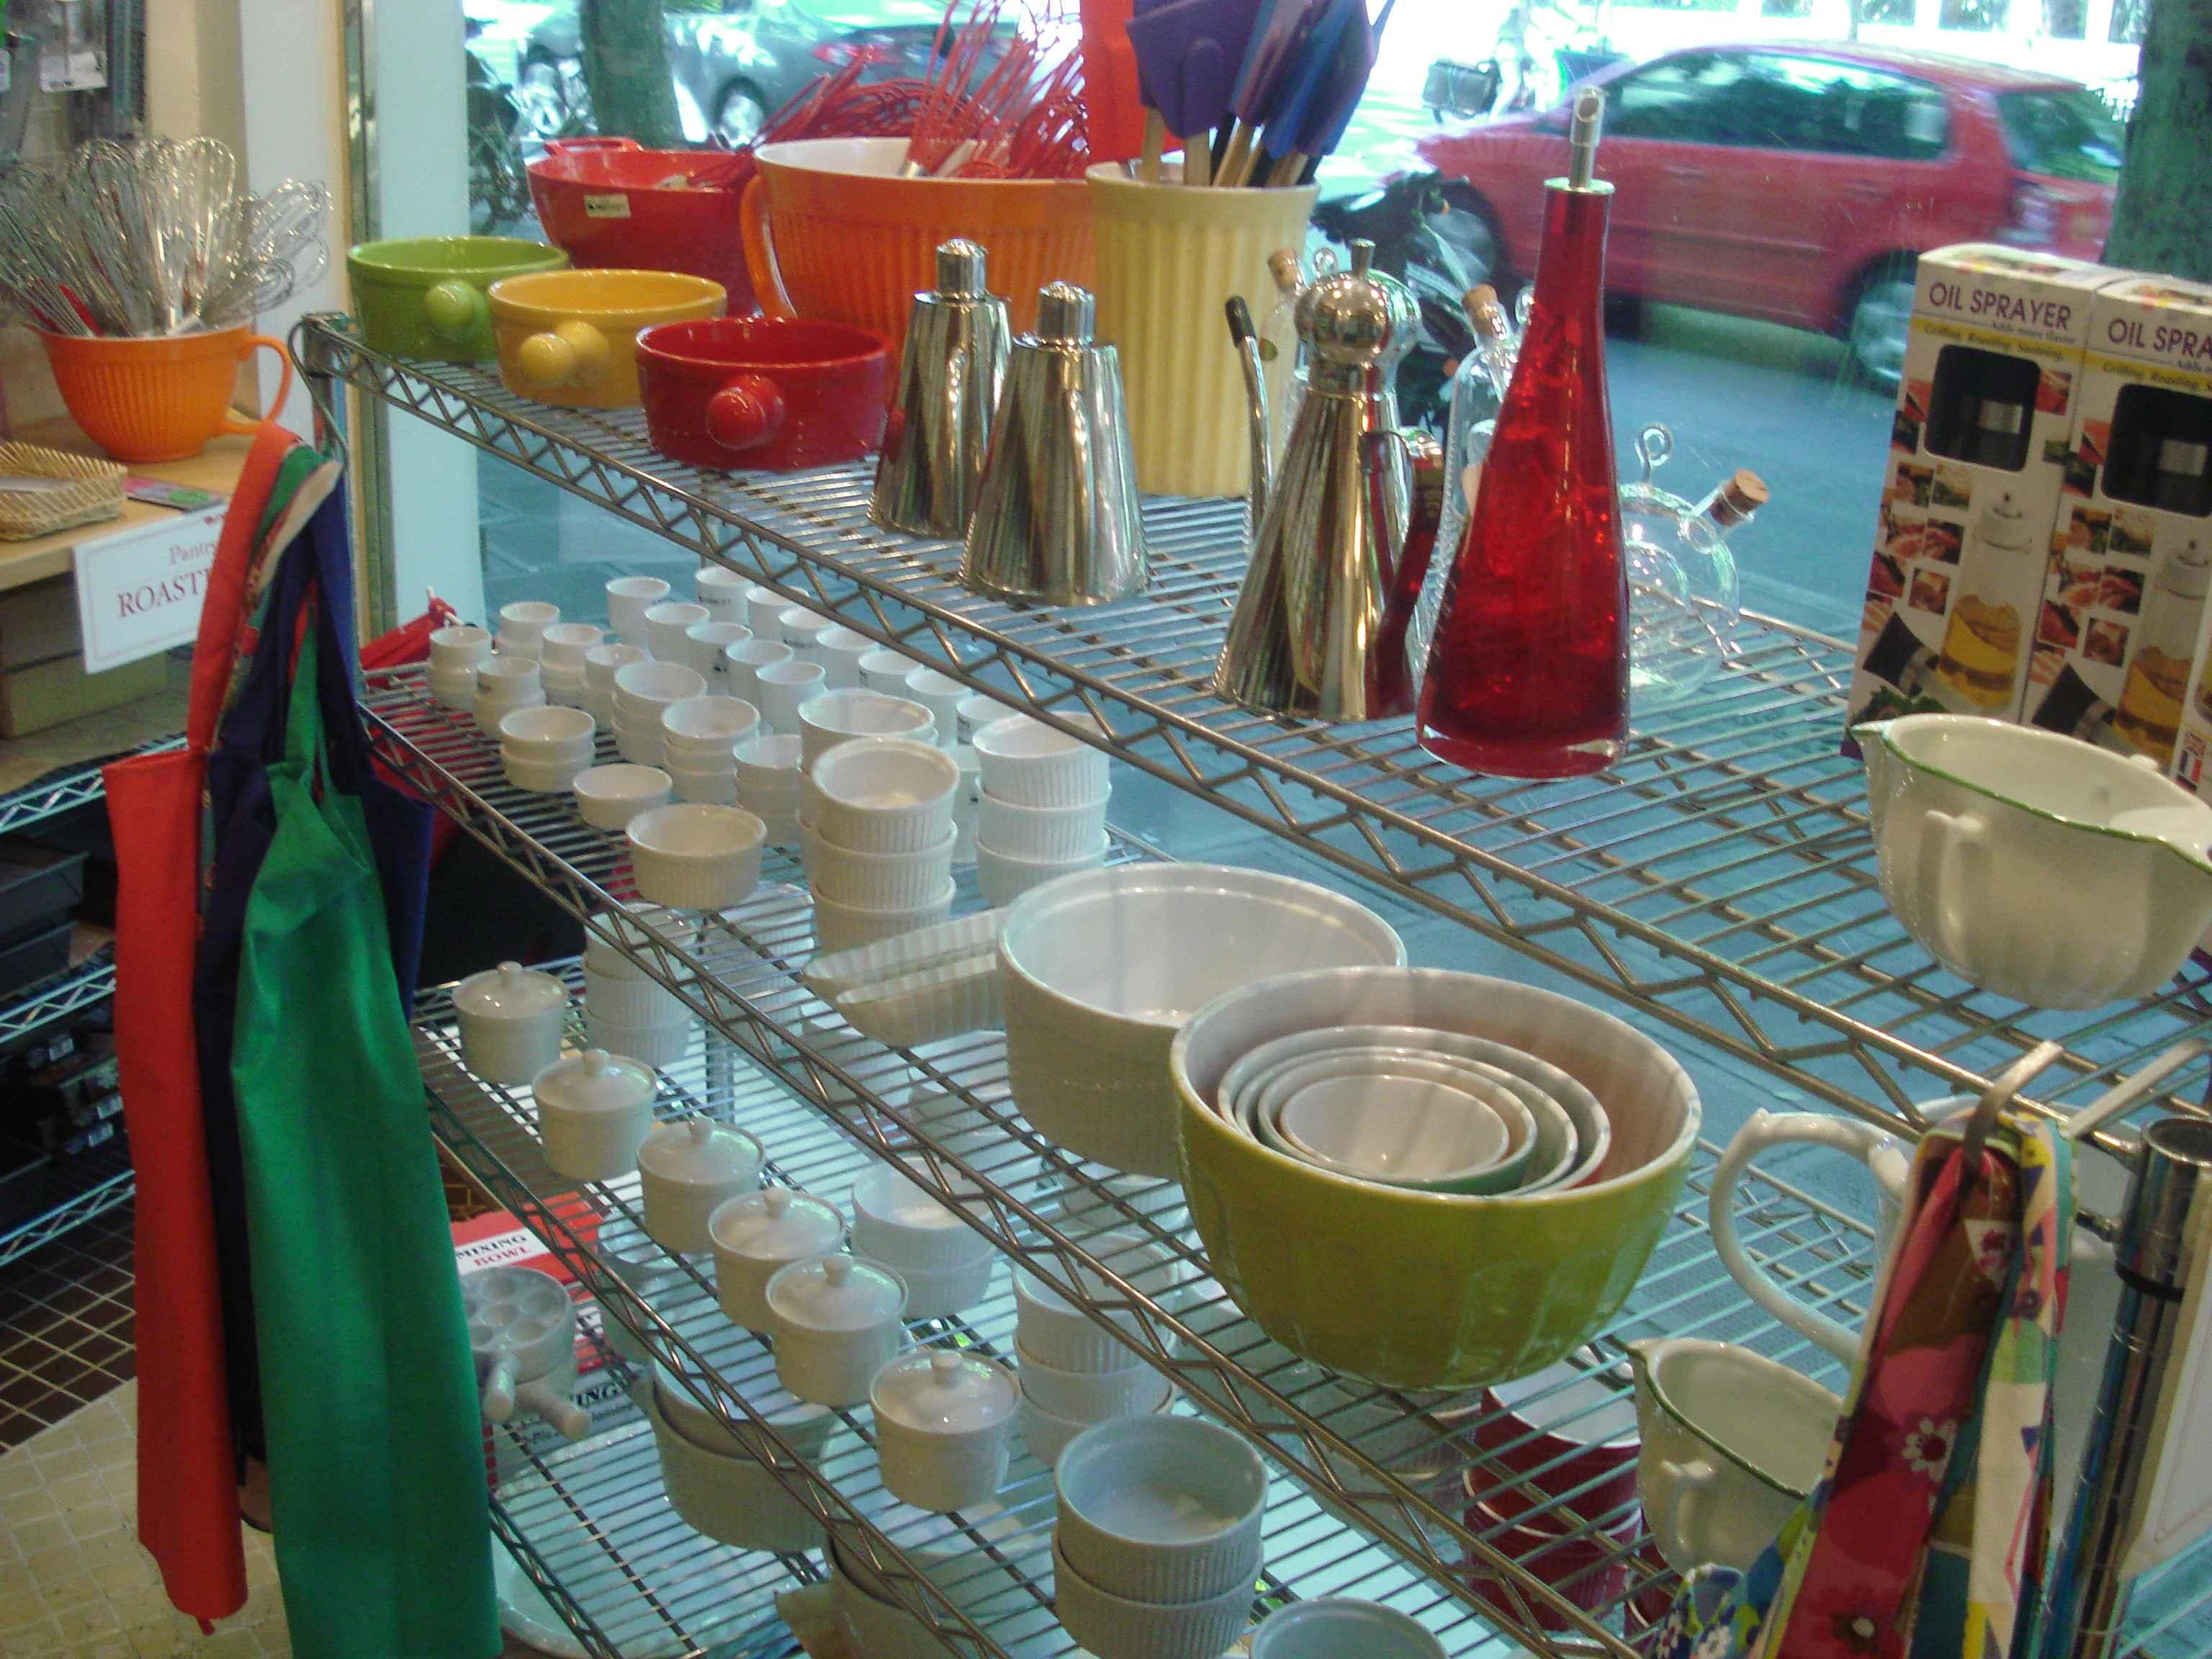 Şanghay Rehberi - Şangay\'da Mutfak Eşyası Alışverişi